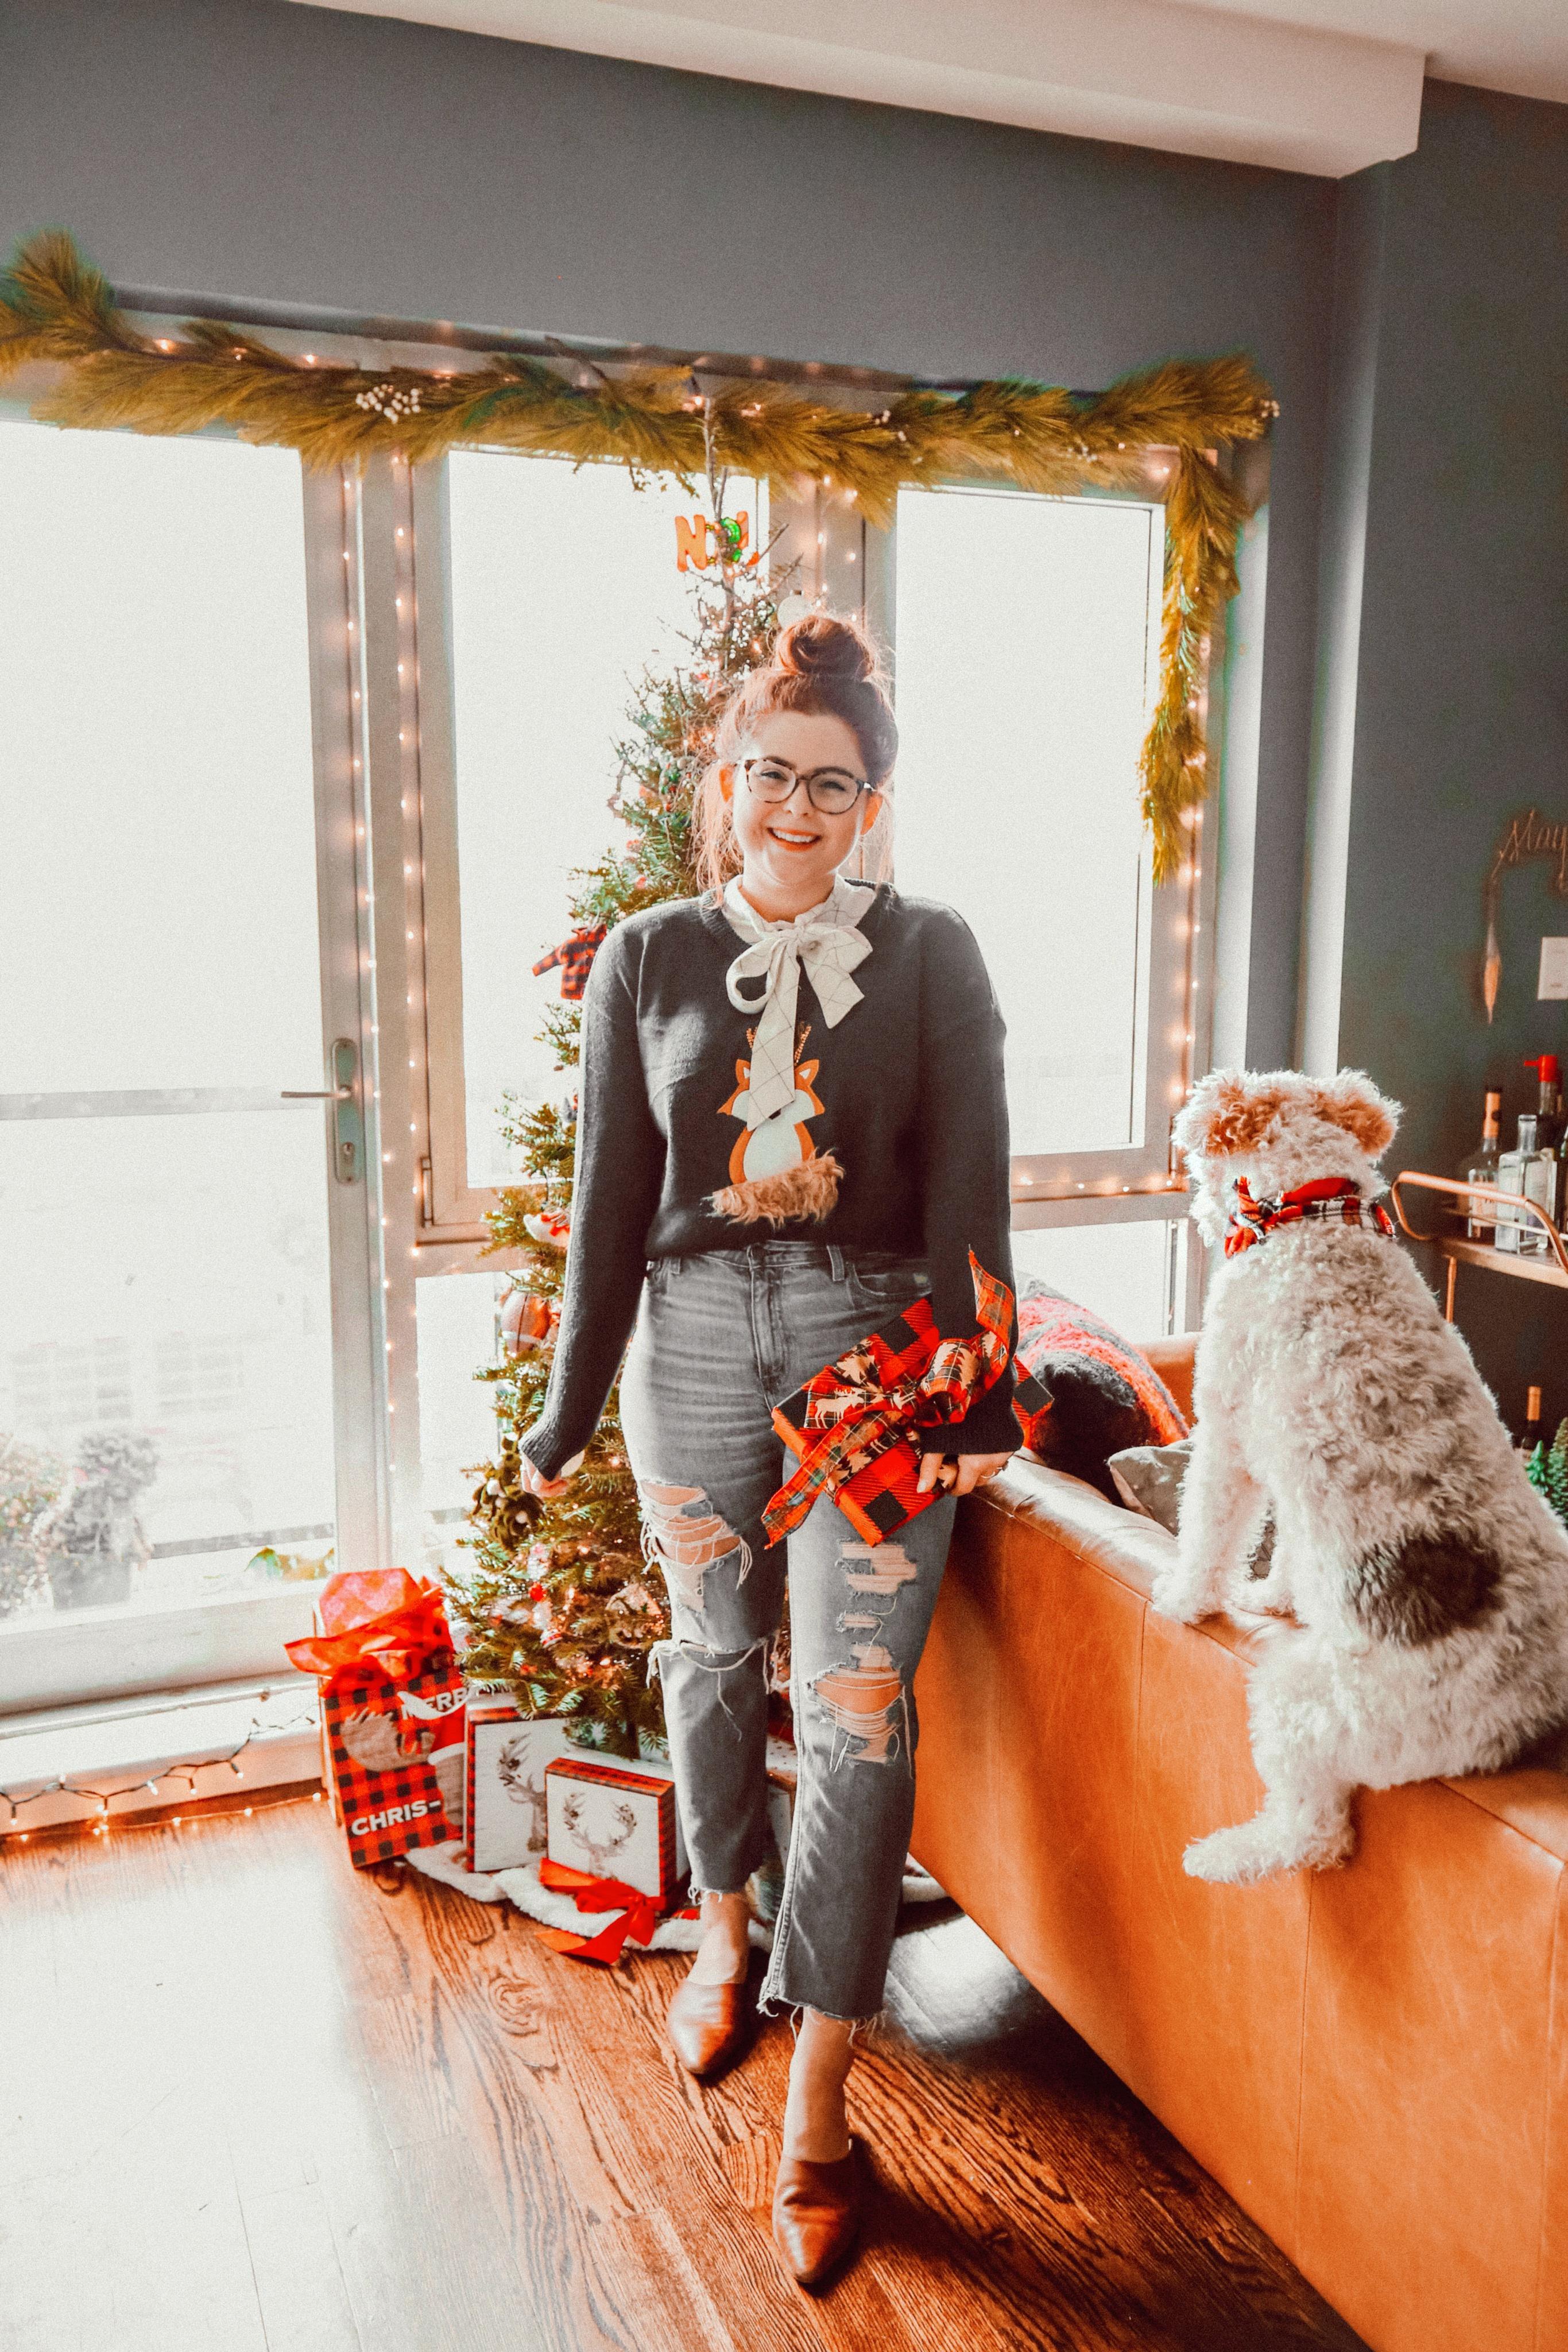 11/27/18 Daily Look - Noelle's Favorite Things